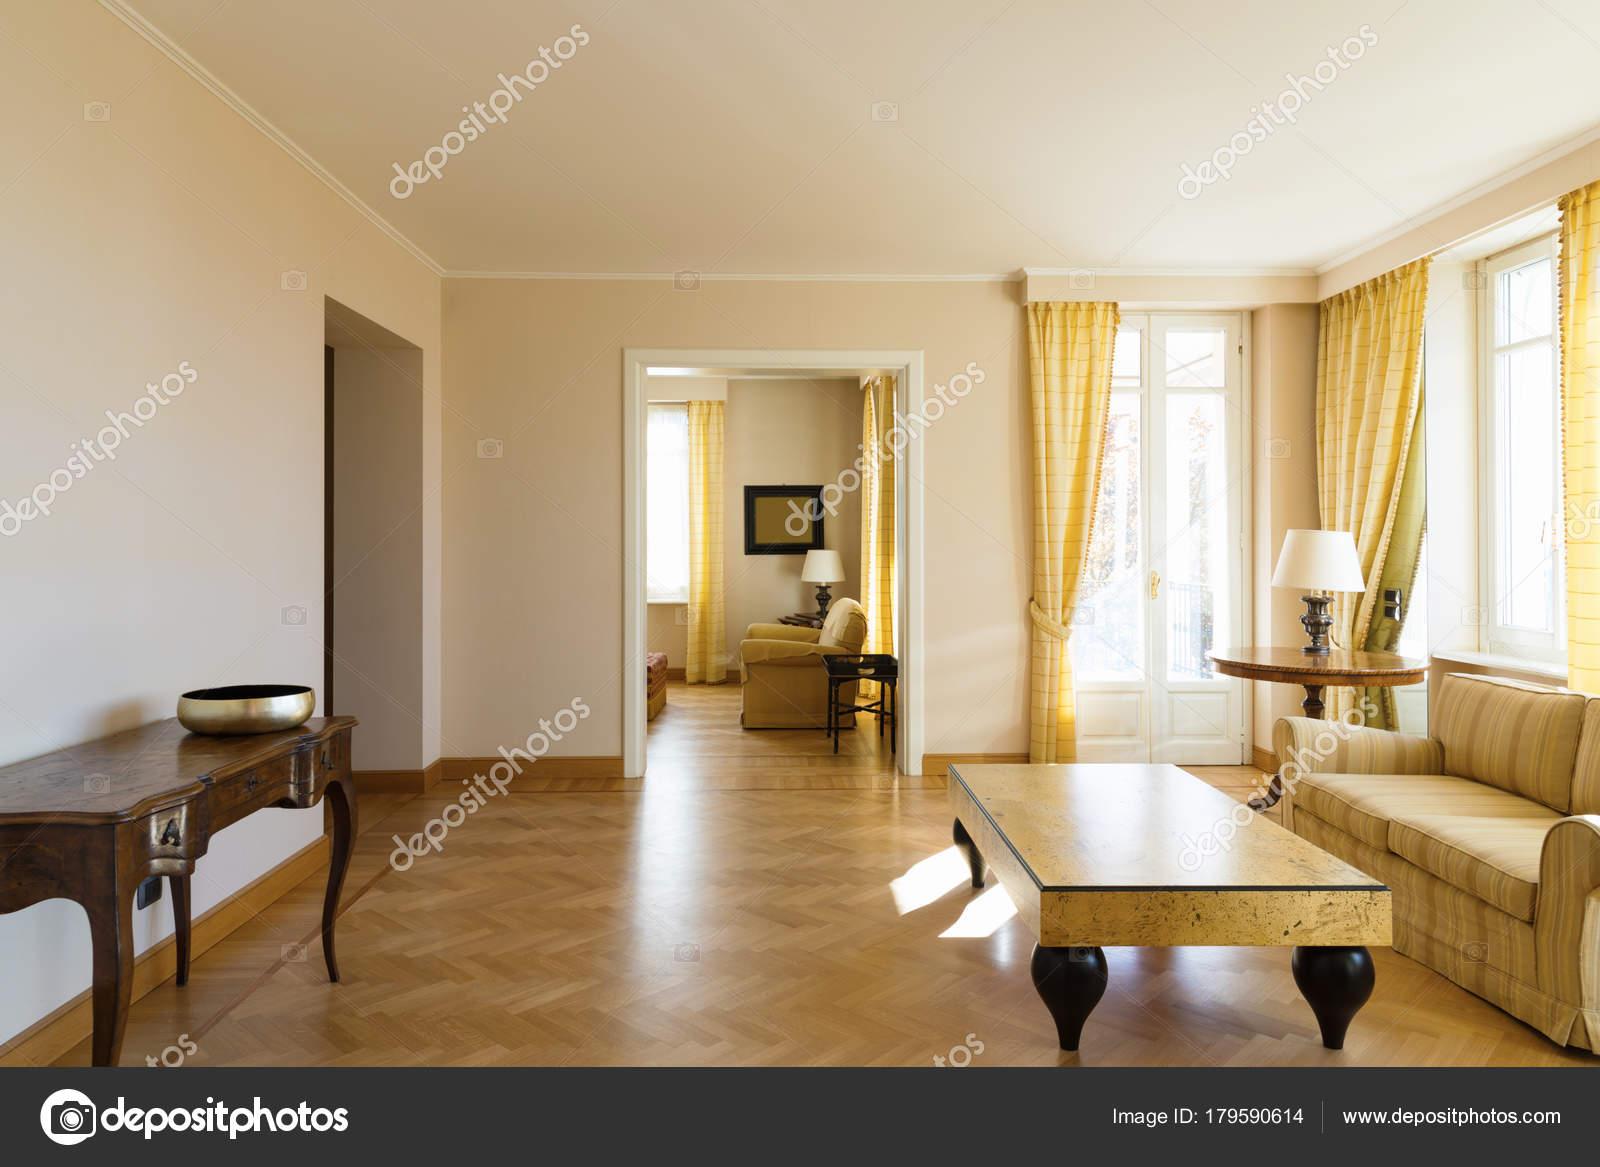 Gele woonkamer ingericht chich — Stockfoto © Zveiger #179590614